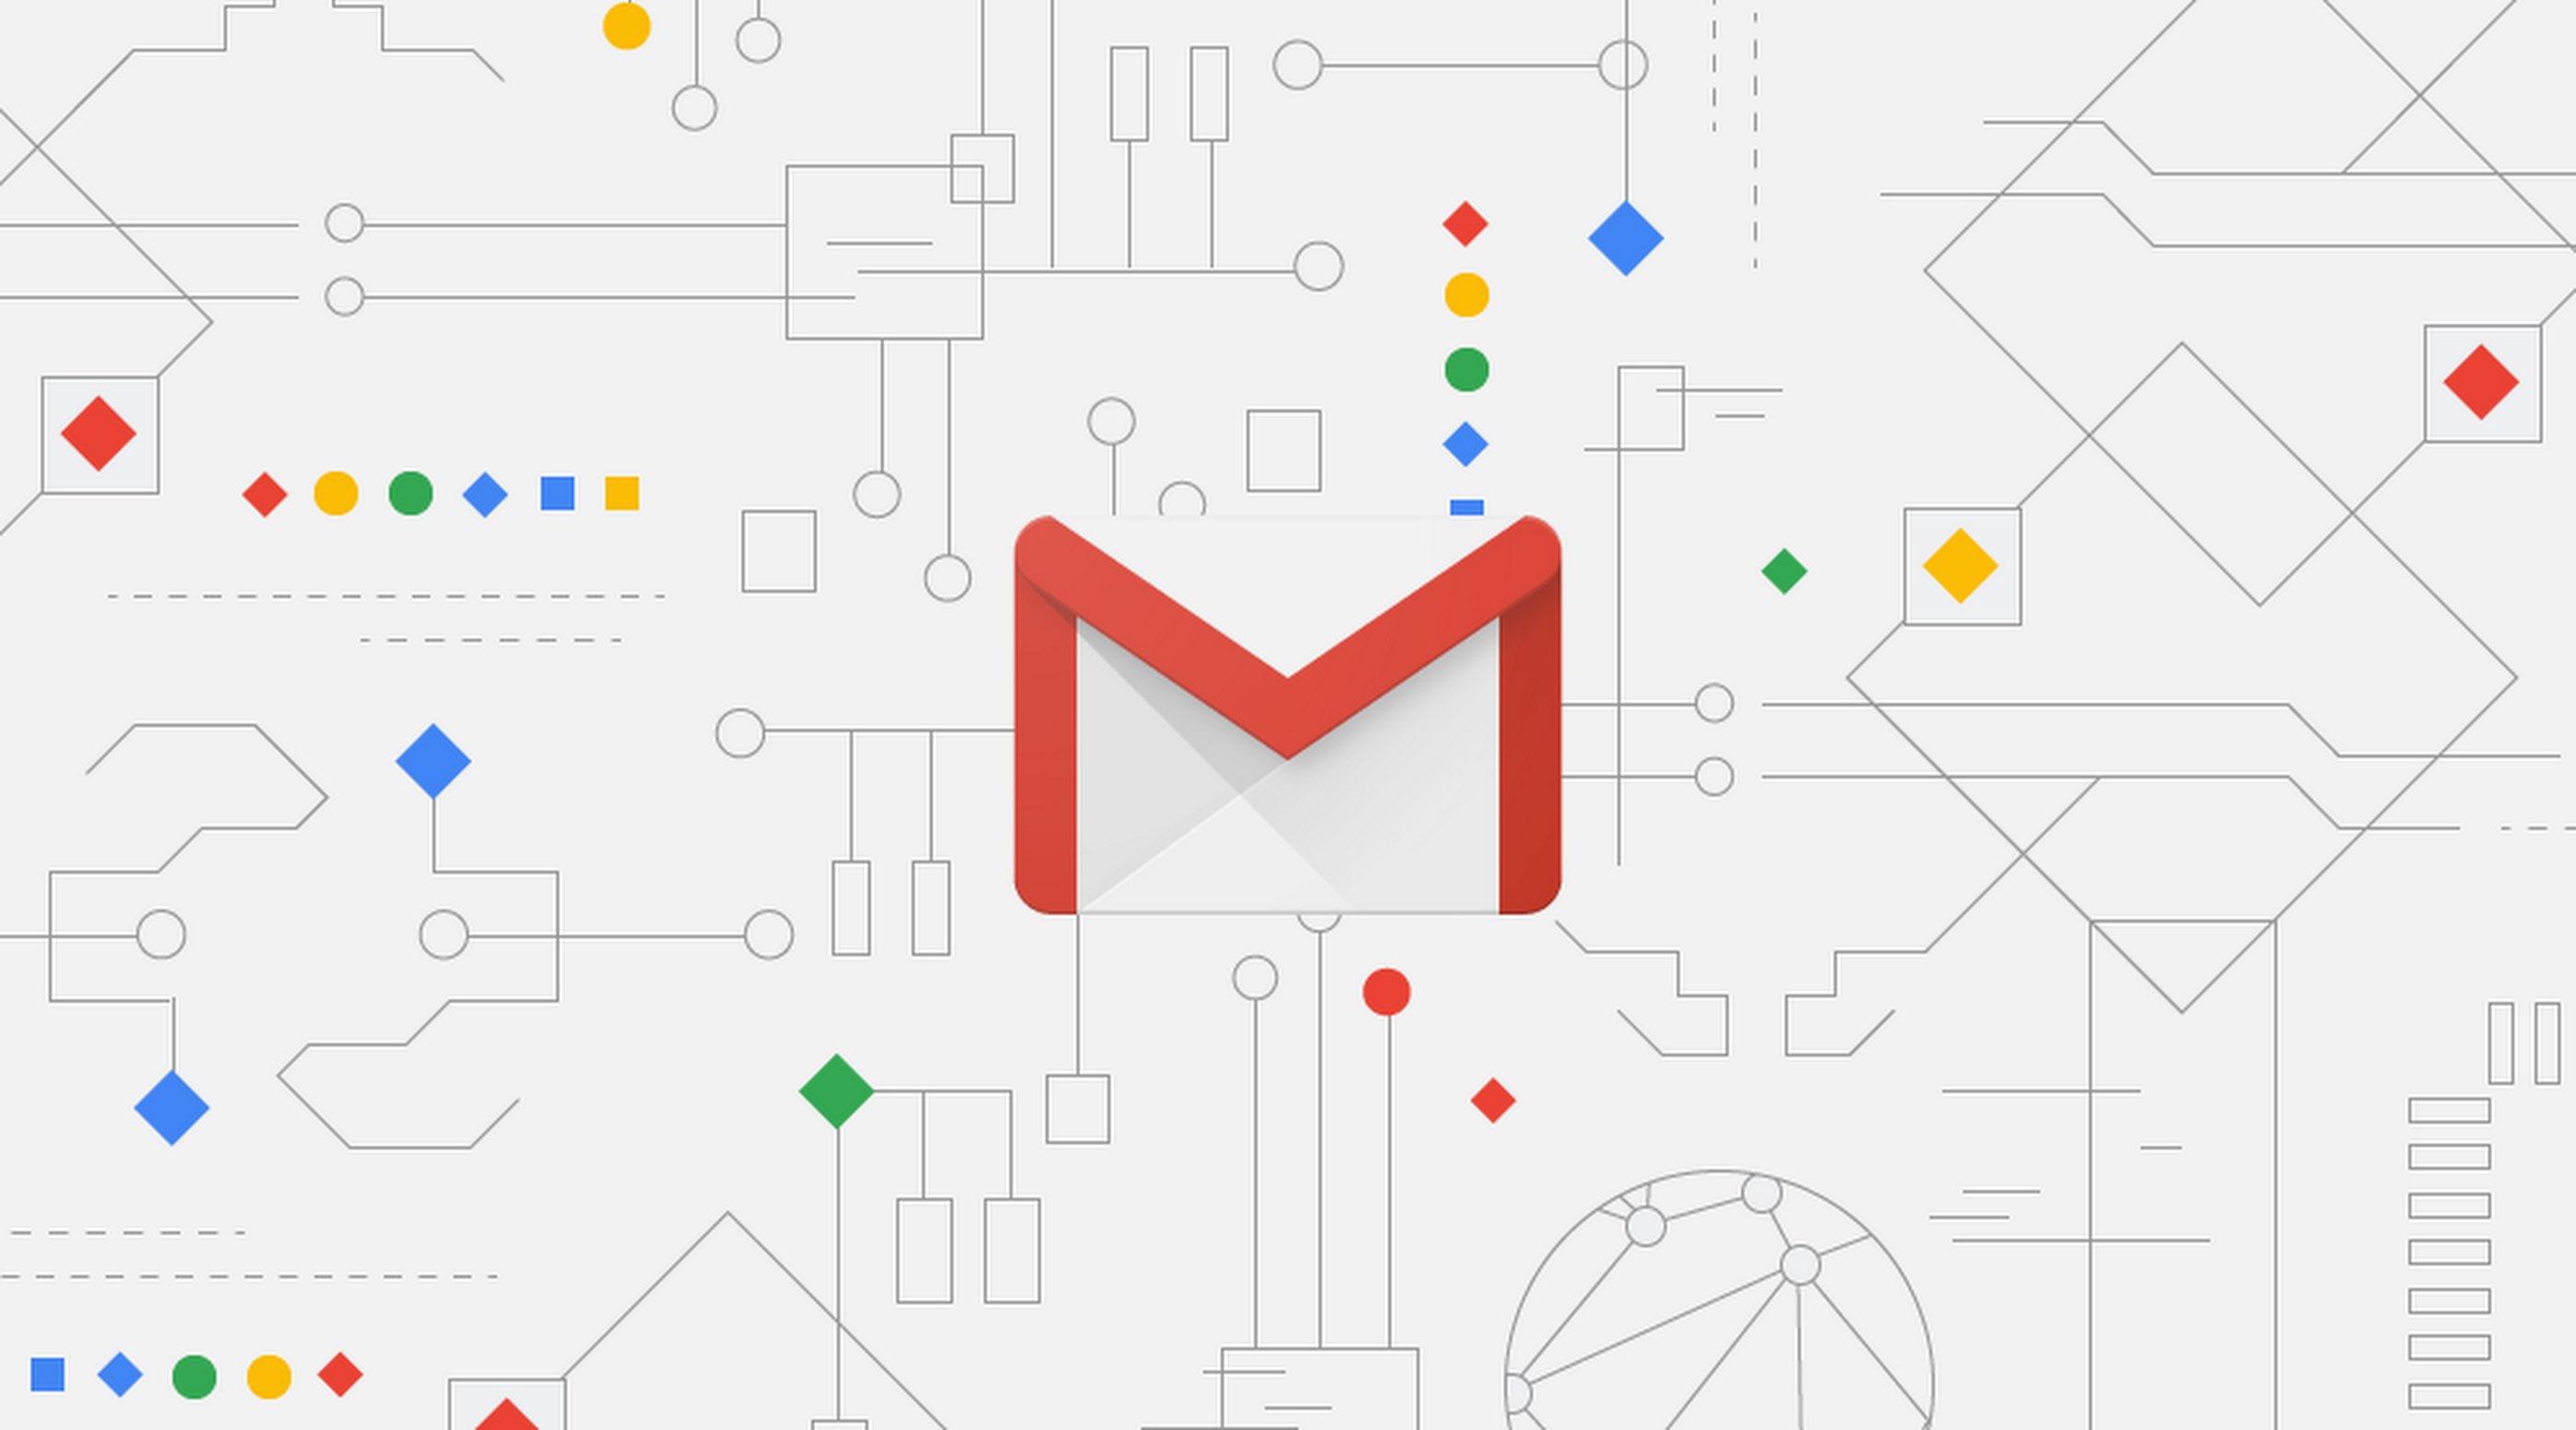 https://media.idownloadblog.com/wp-content/uploads/2018/04/Gmail-teaser-001.jpg